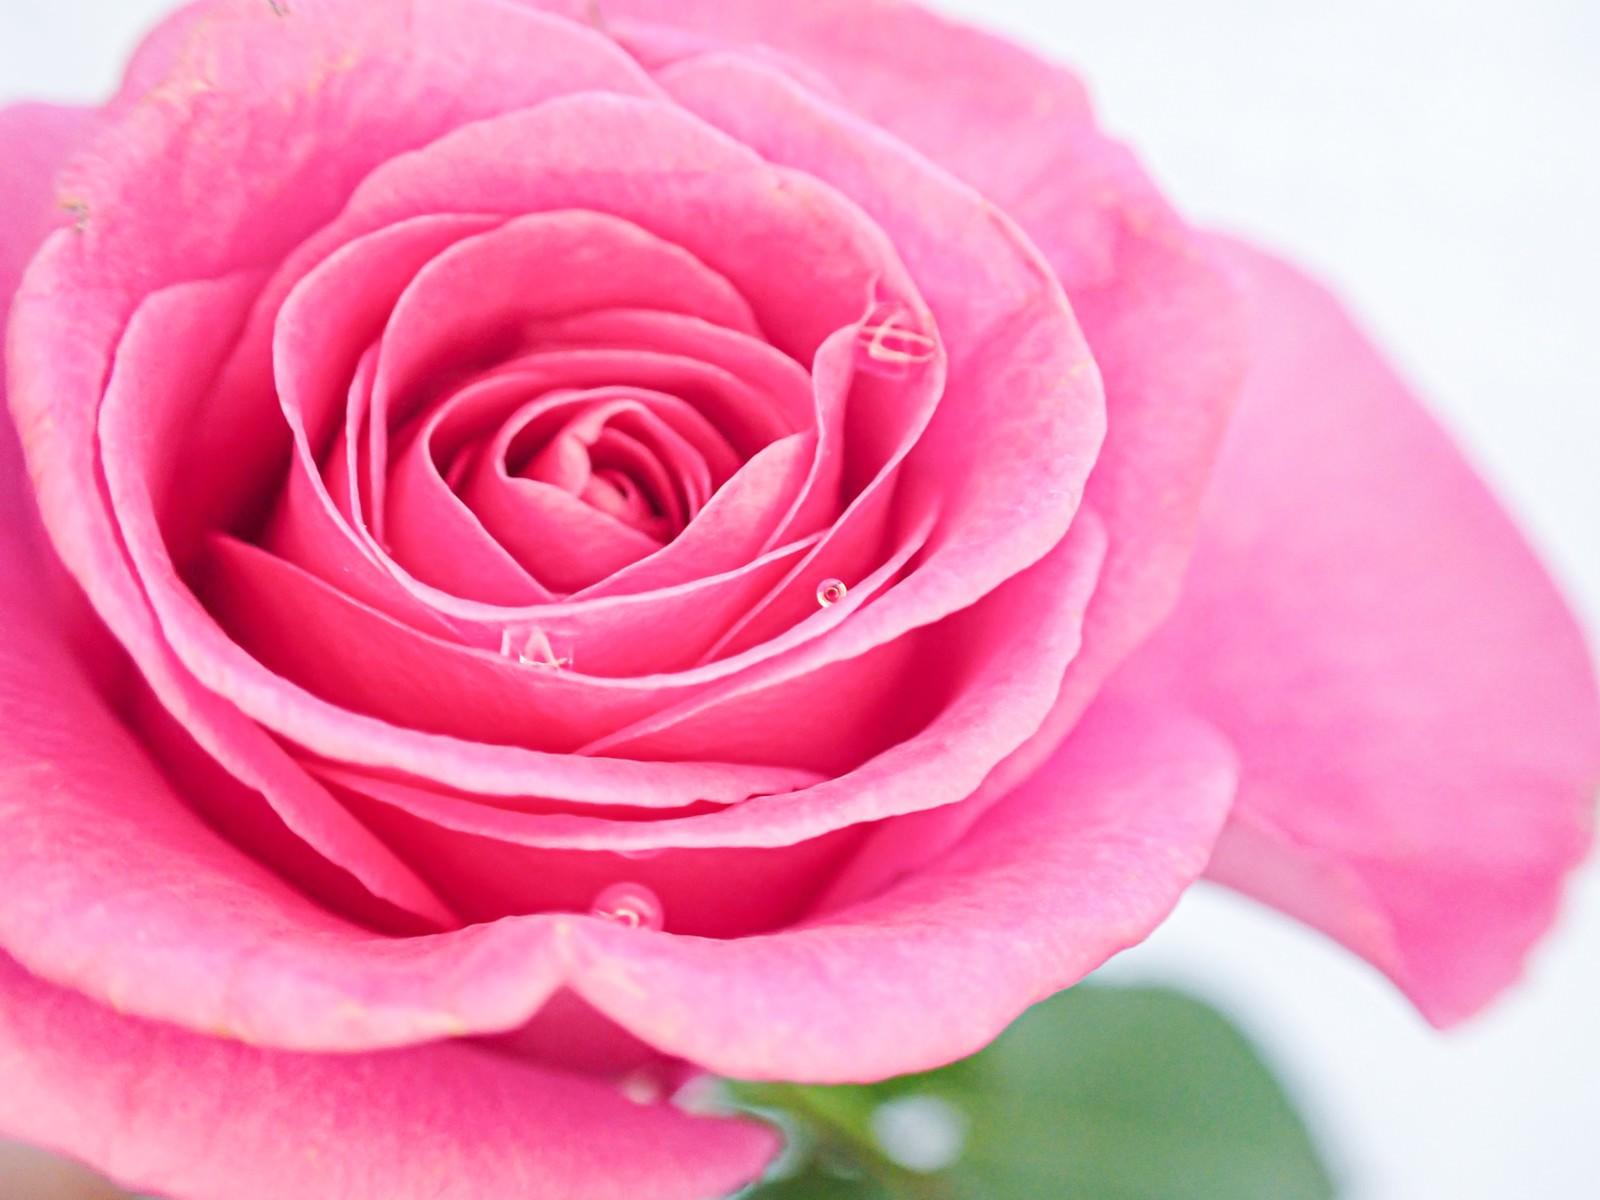 「水滴とピンク色の薔薇」の写真